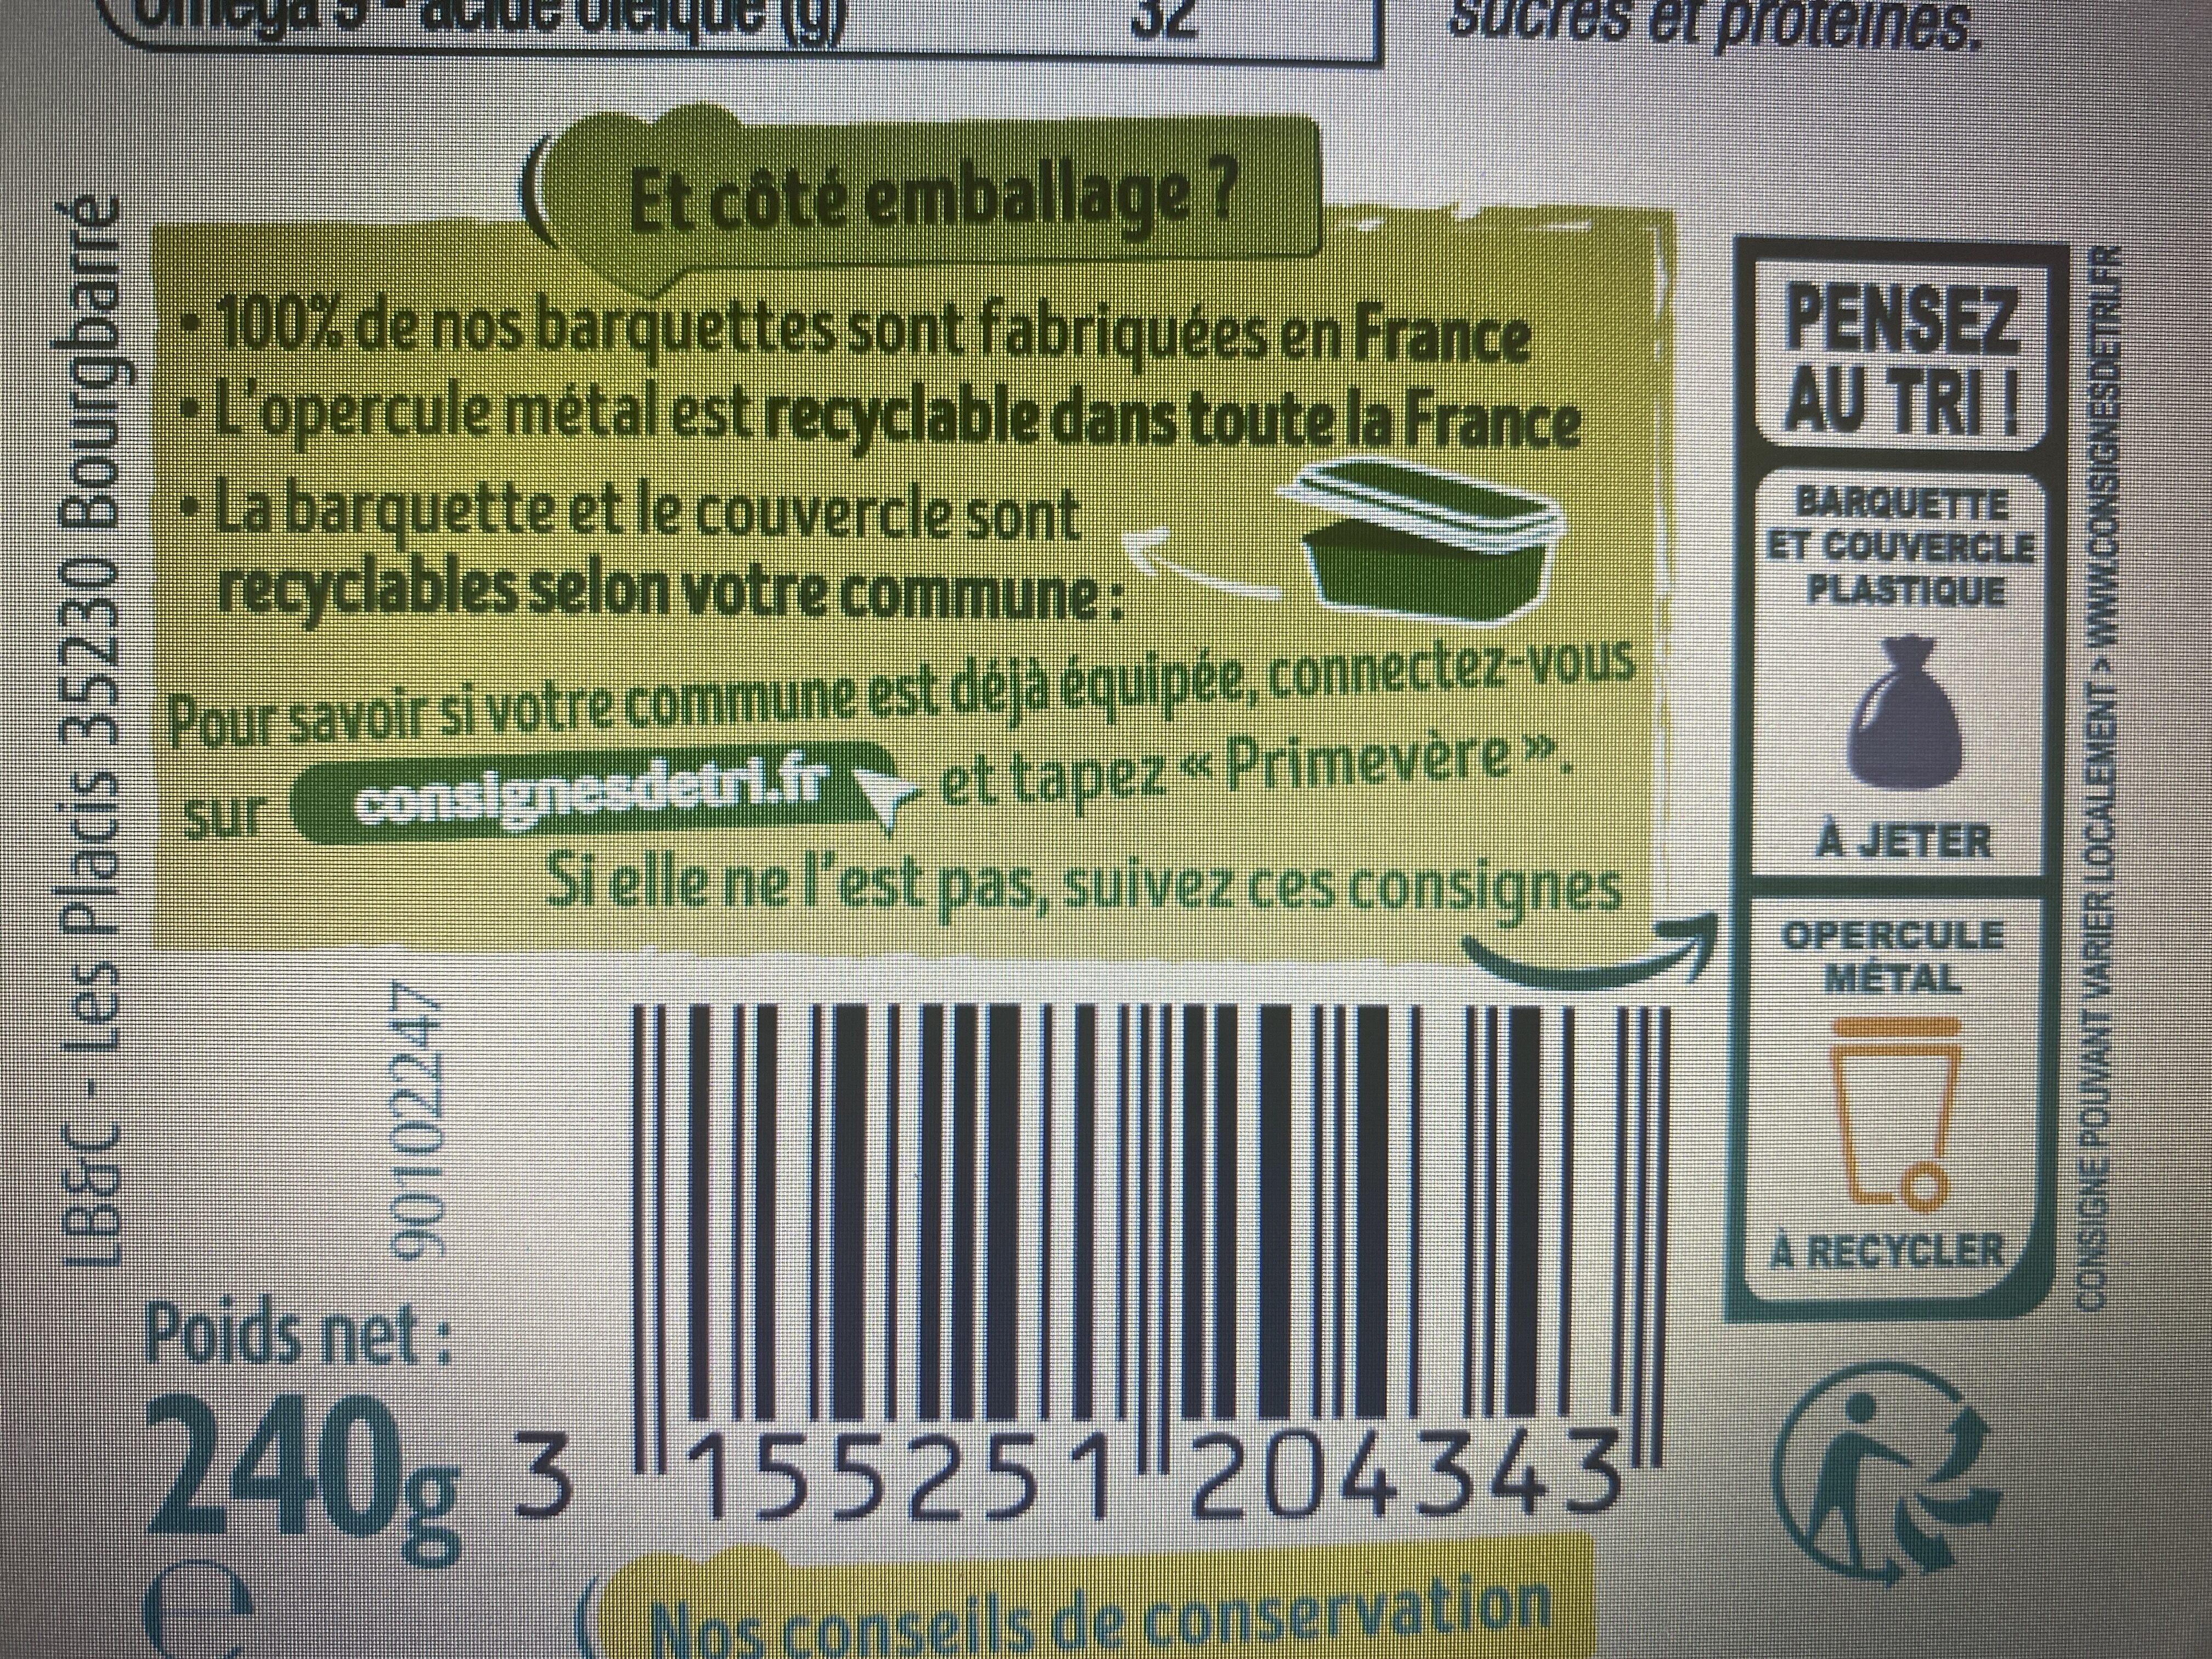 Primevère Tartine doux végétal - Instrucciones de reciclaje y/o información de embalaje - fr